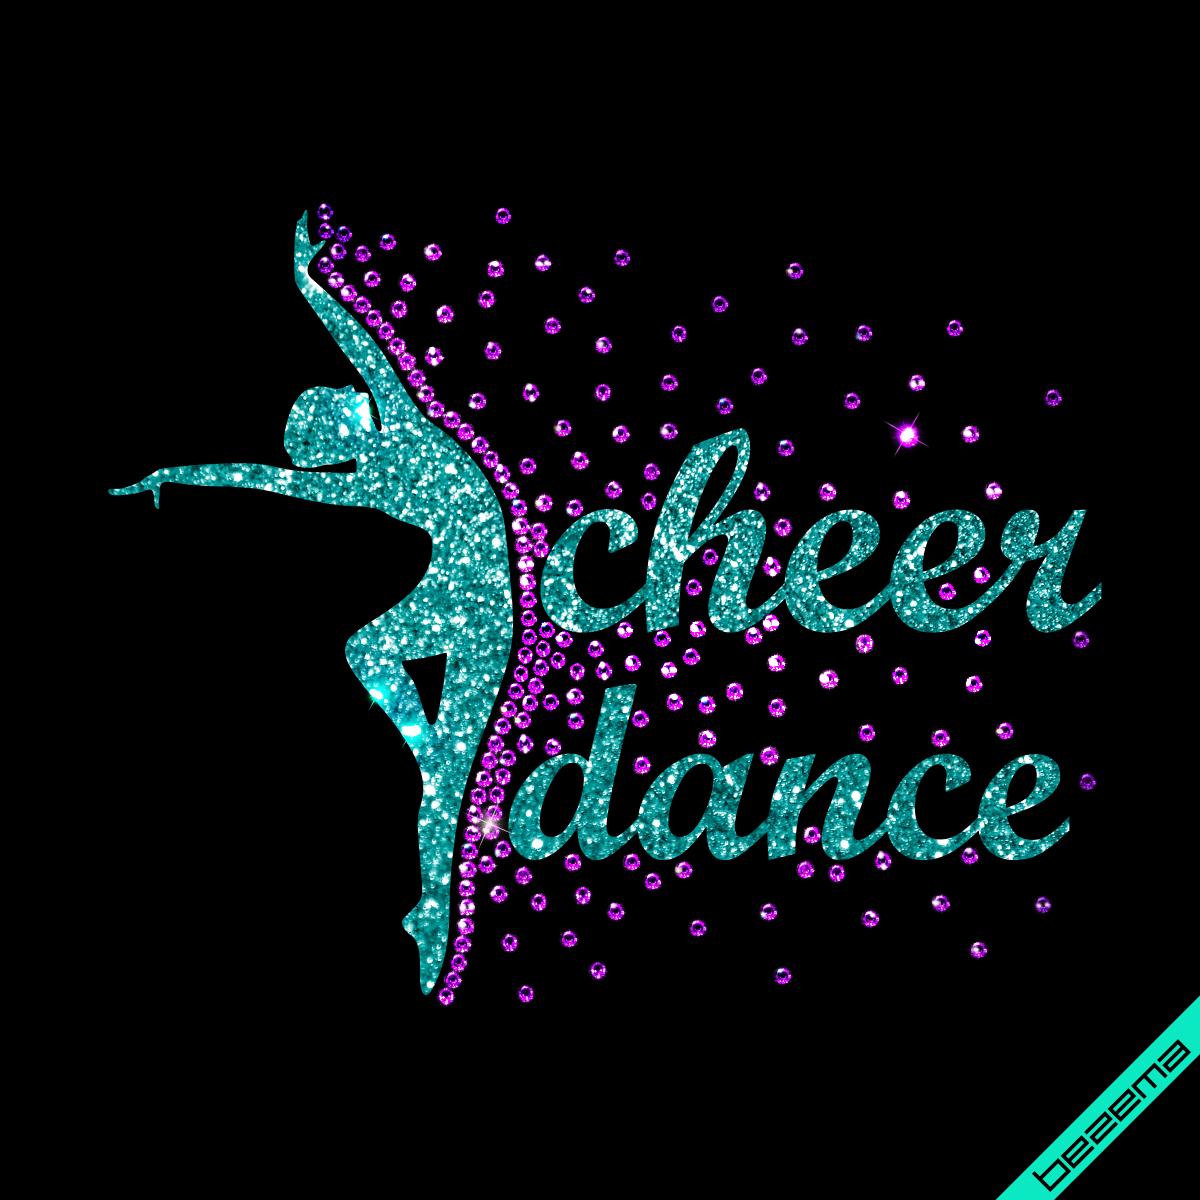 Картинки на ботильйони Cheer dance